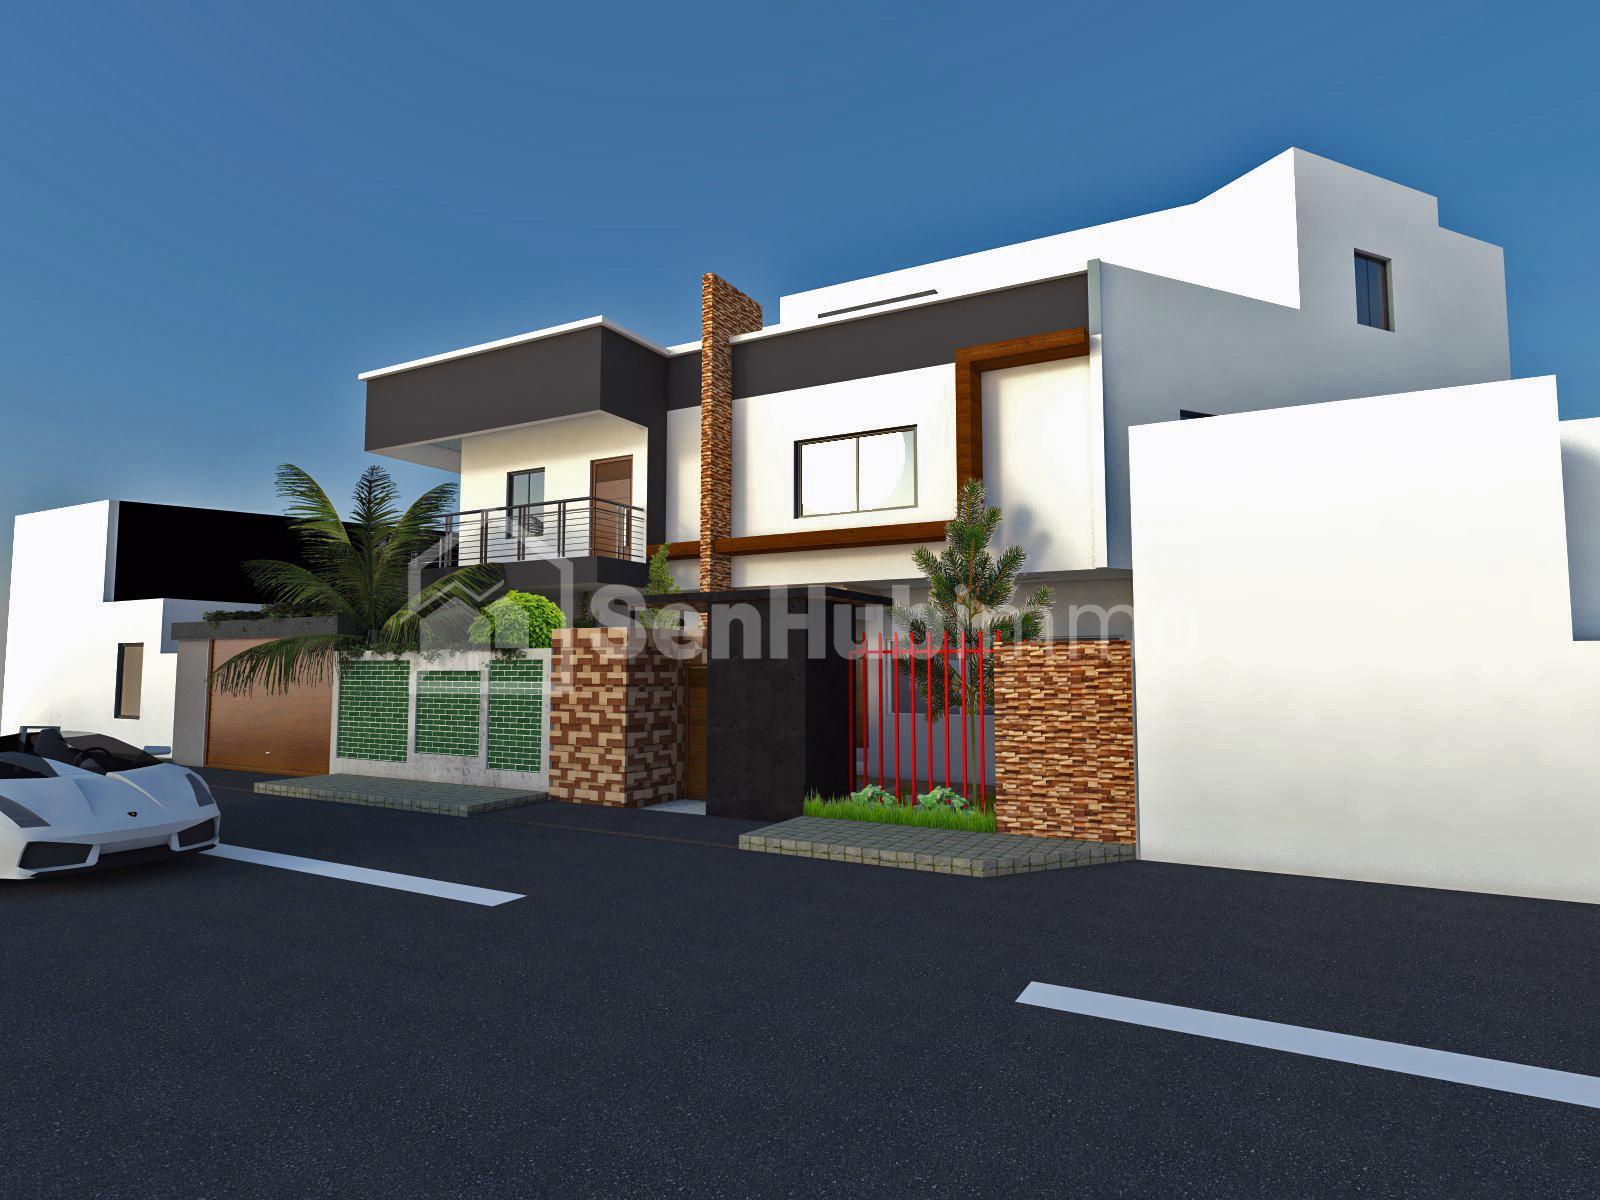 Villa à louer 8 pièces-Mermoz - SenhubImmo.com